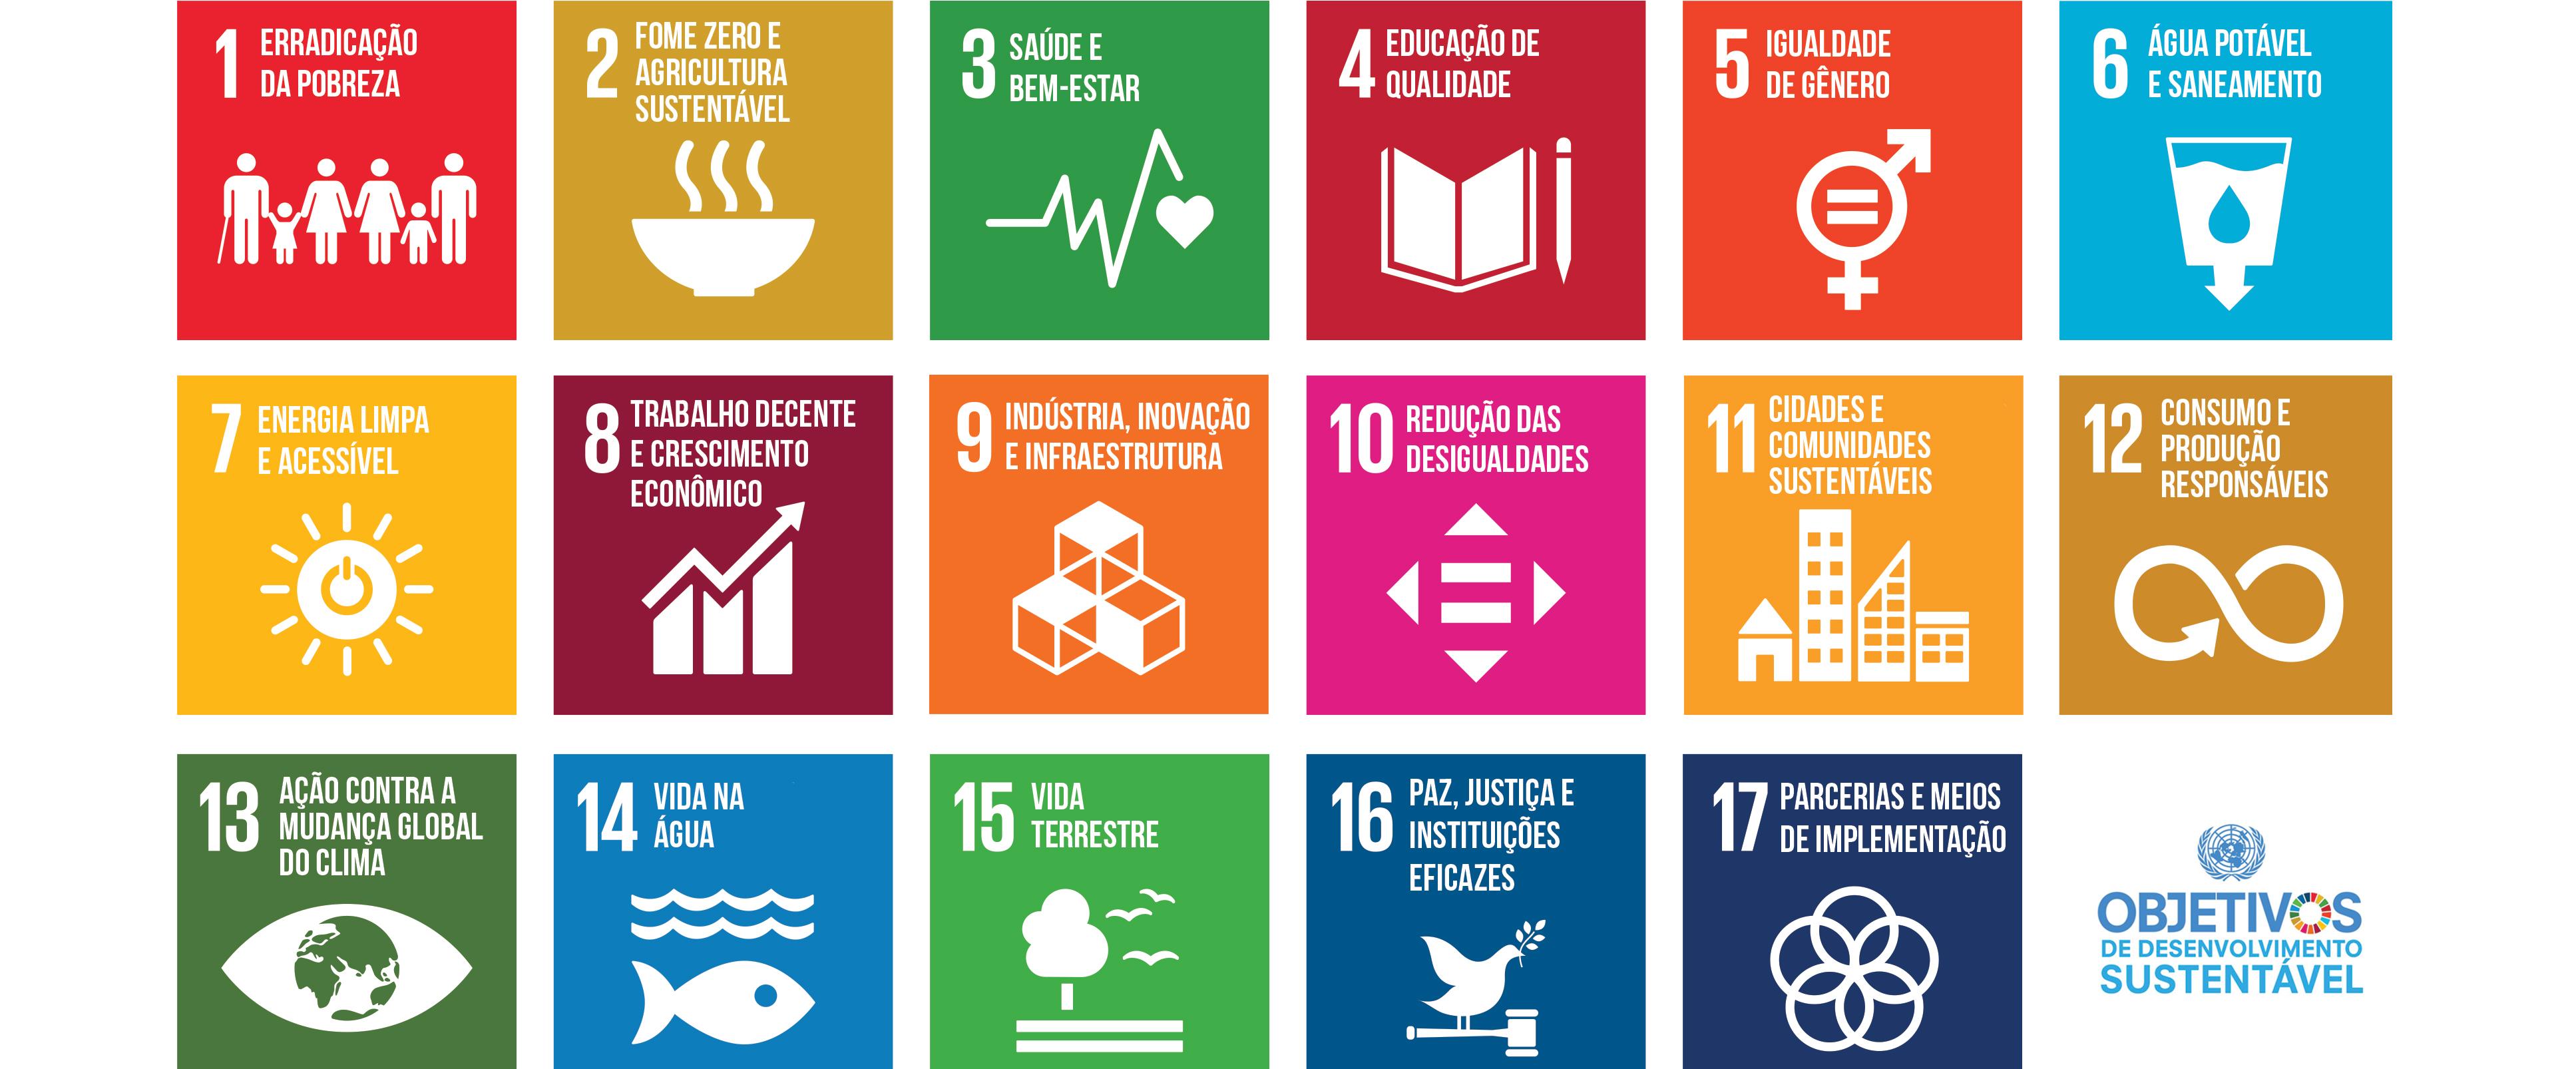 Cooperativas comprometidas com Agenda 2030